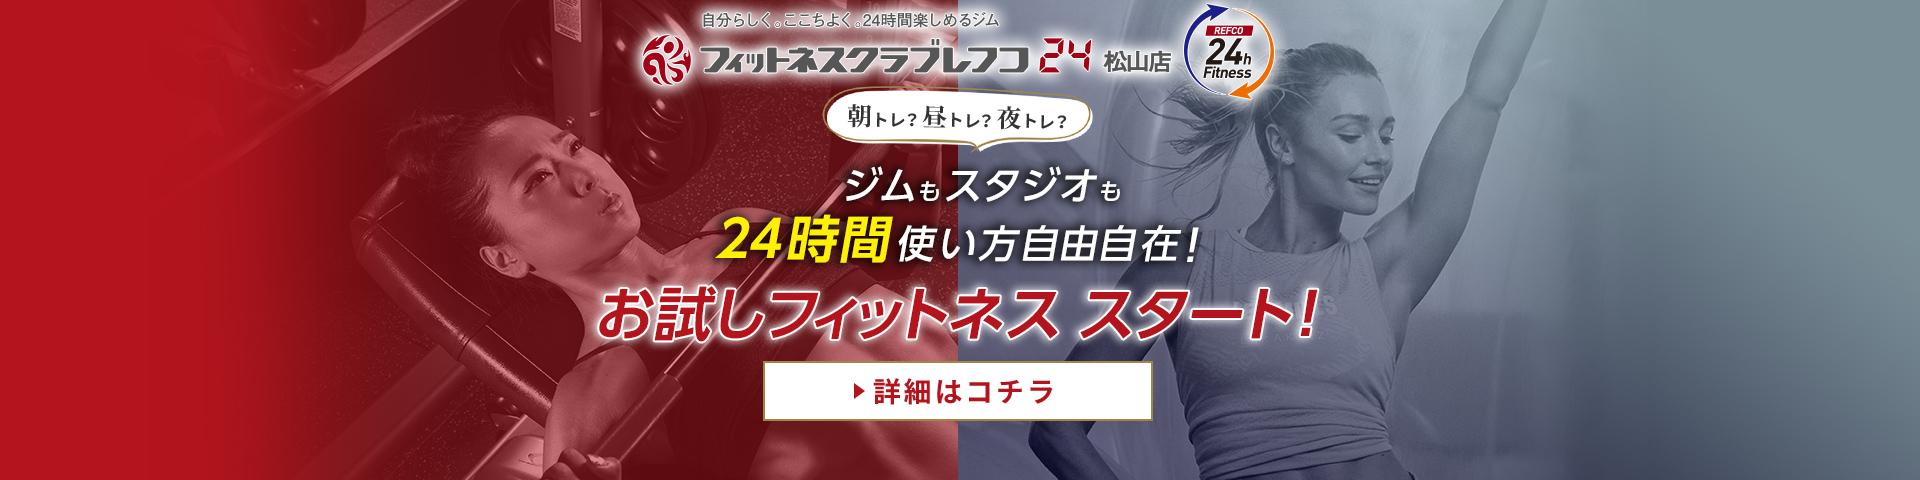 '21/07/01 お試しフィットネススタート!